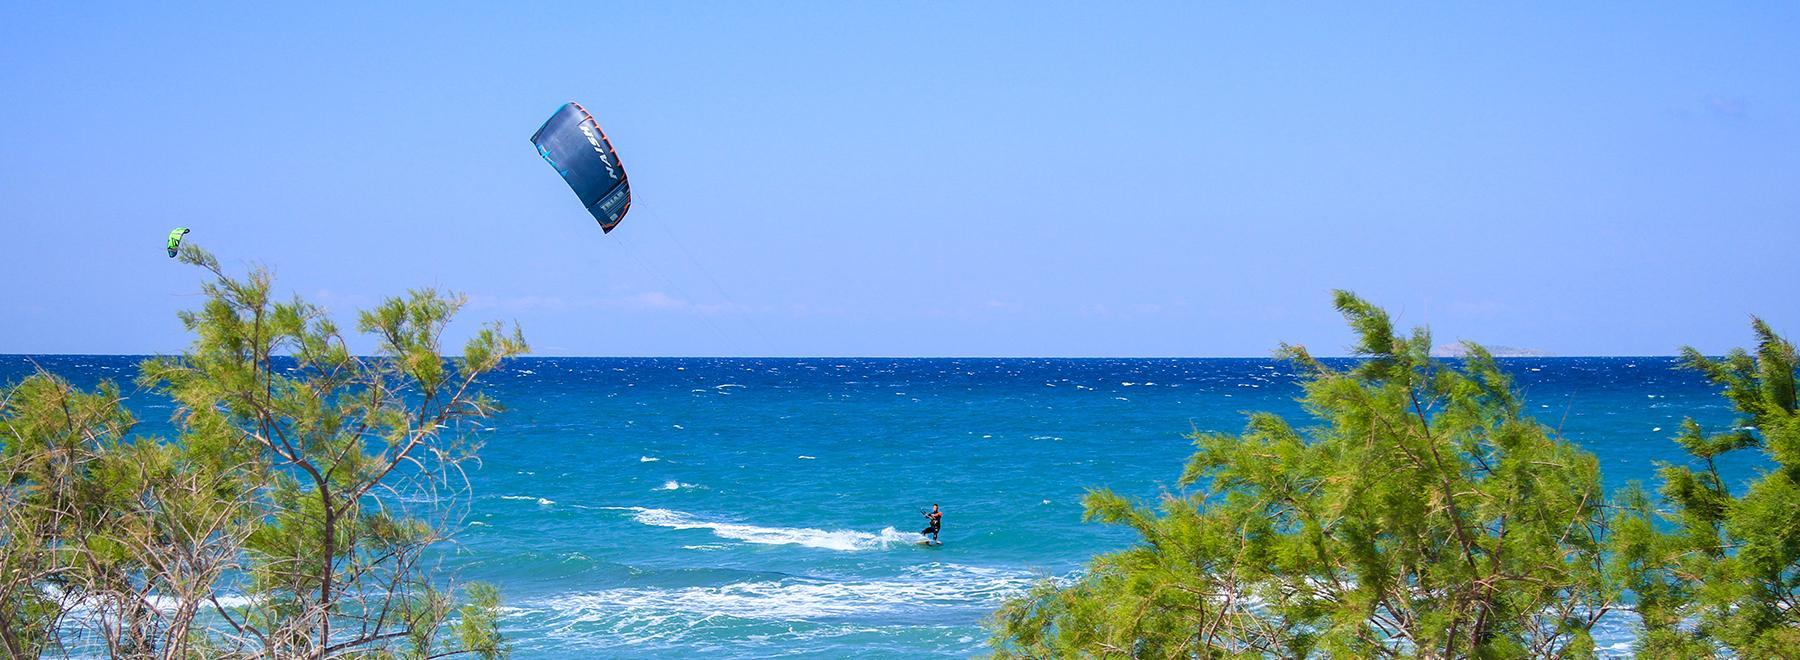 Kitesurfen auf Kos, Griechenland